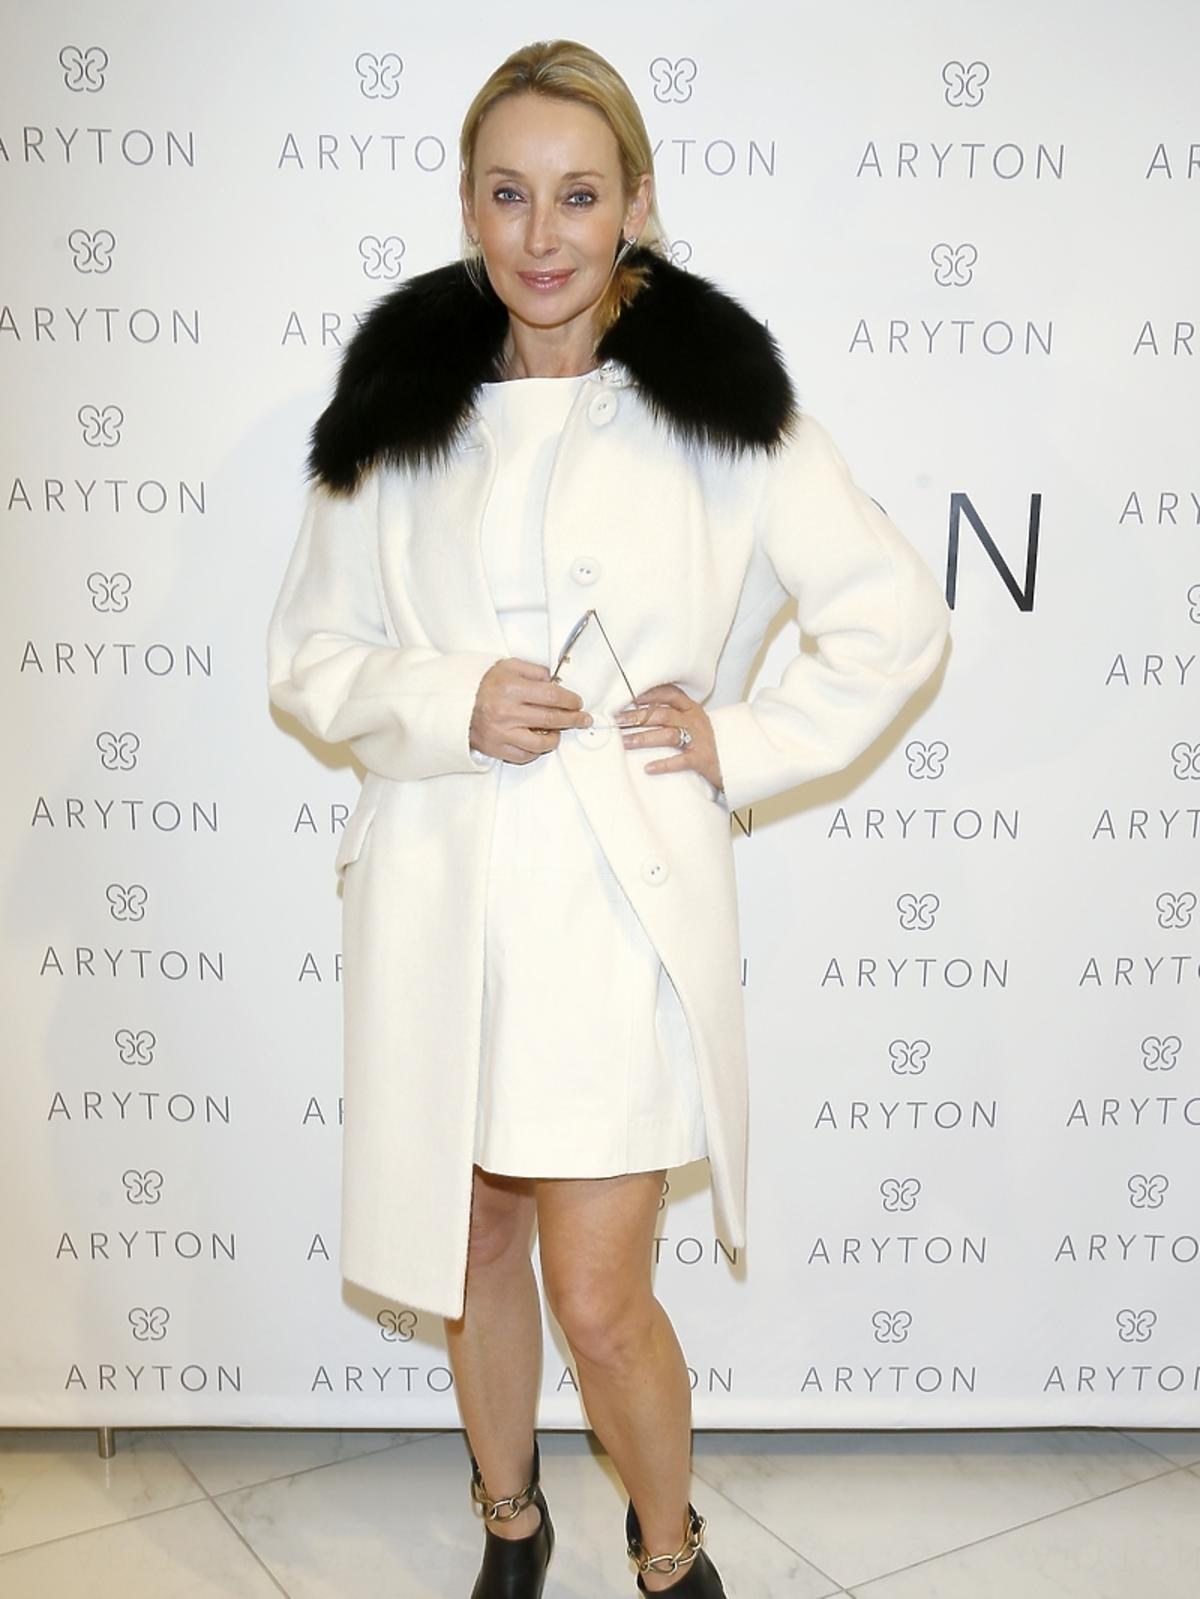 Dorota Williams na pokazie nowej kolekcji marki Aryton